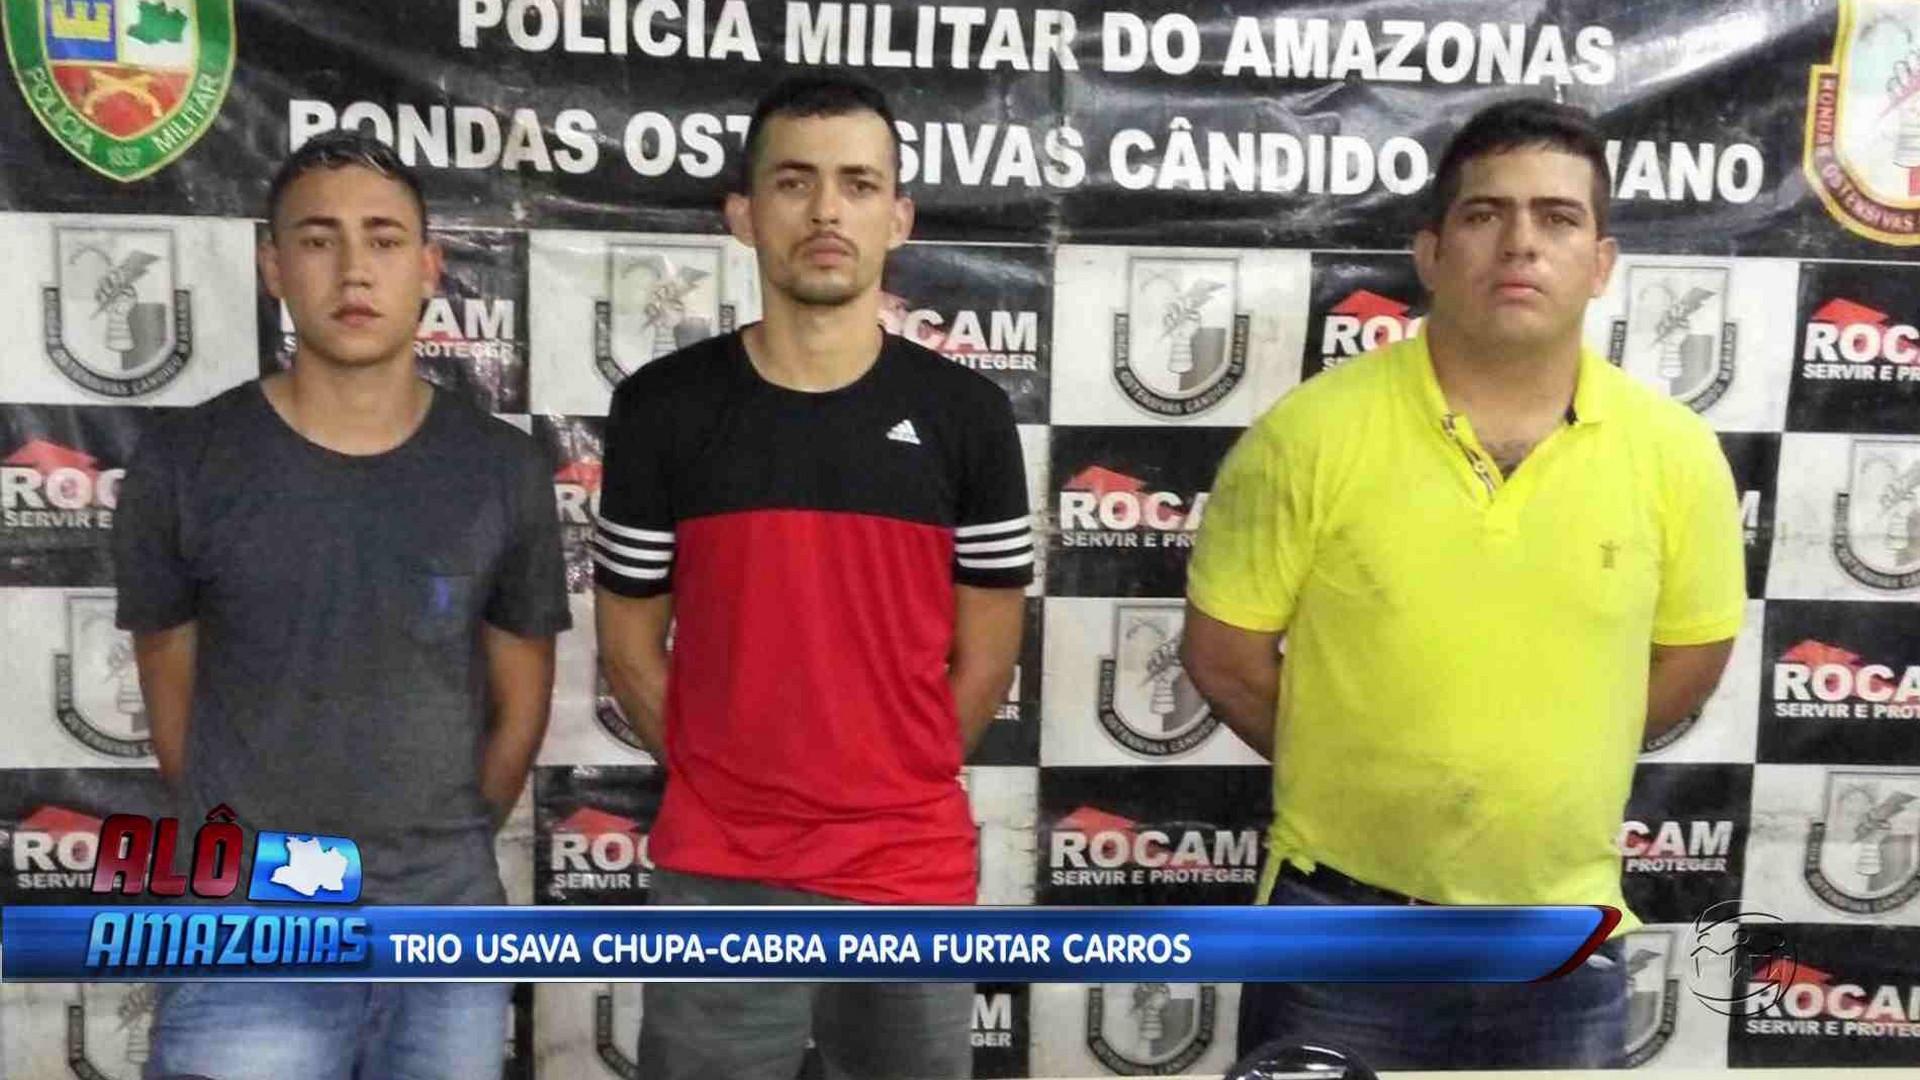 TRIO USAVA CHUPA-CABRA PARA FURTOS E ROUBOS - Alô Amazonas 13/12/17